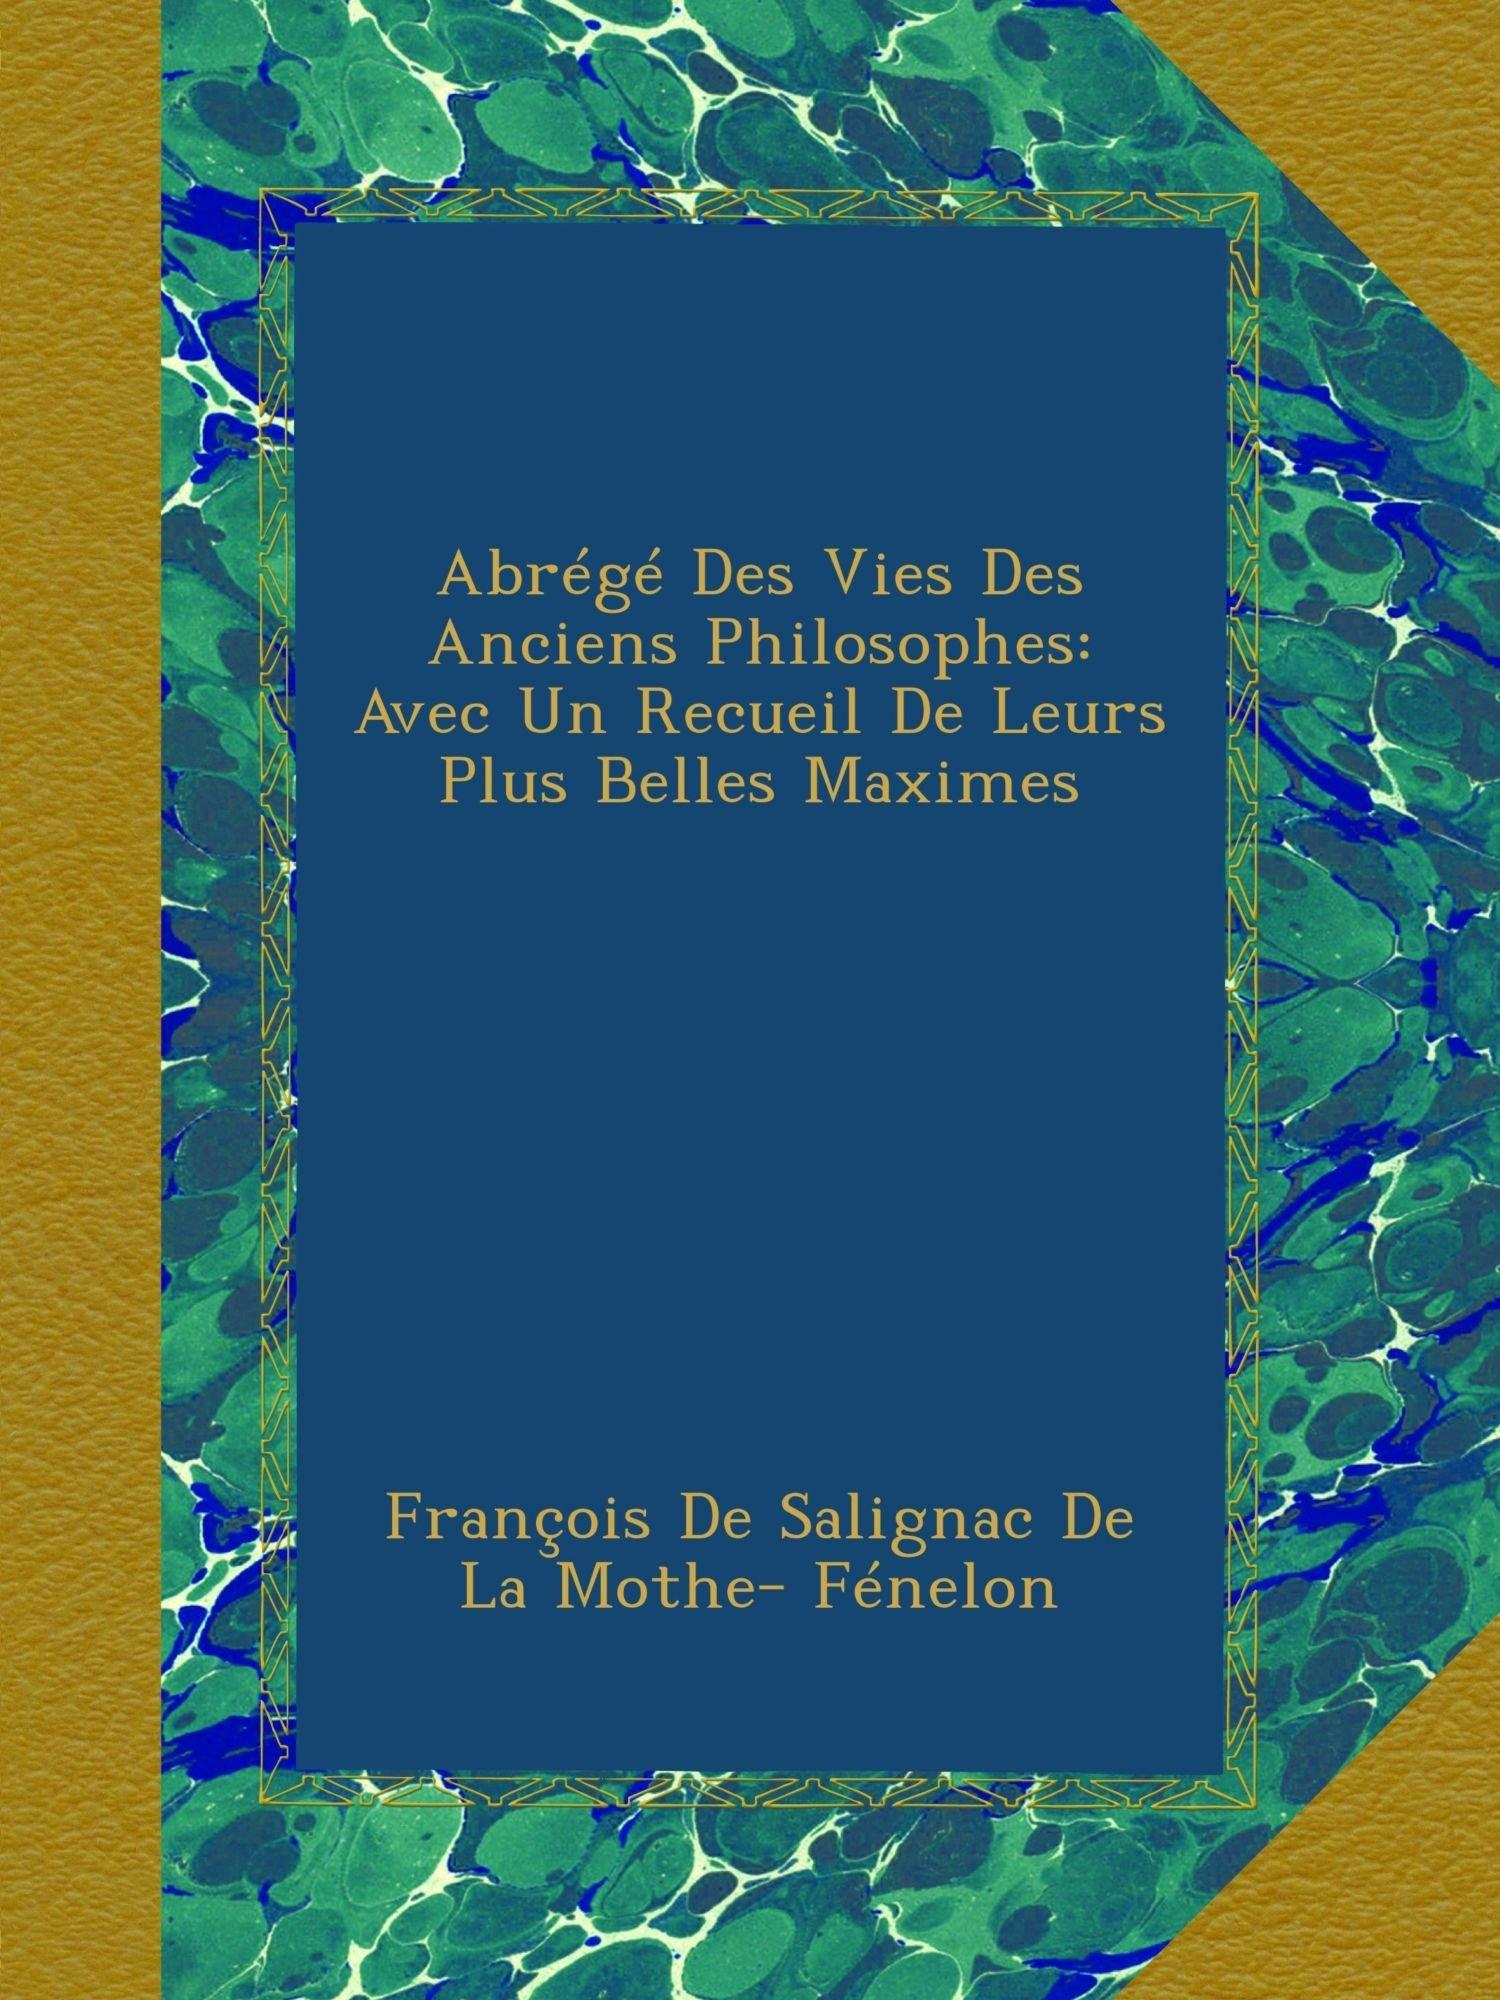 Abrégé Des Vies Des Anciens Philosophes: Avec Un Recueil De Leurs Plus Belles Maximes (French Edition) pdf